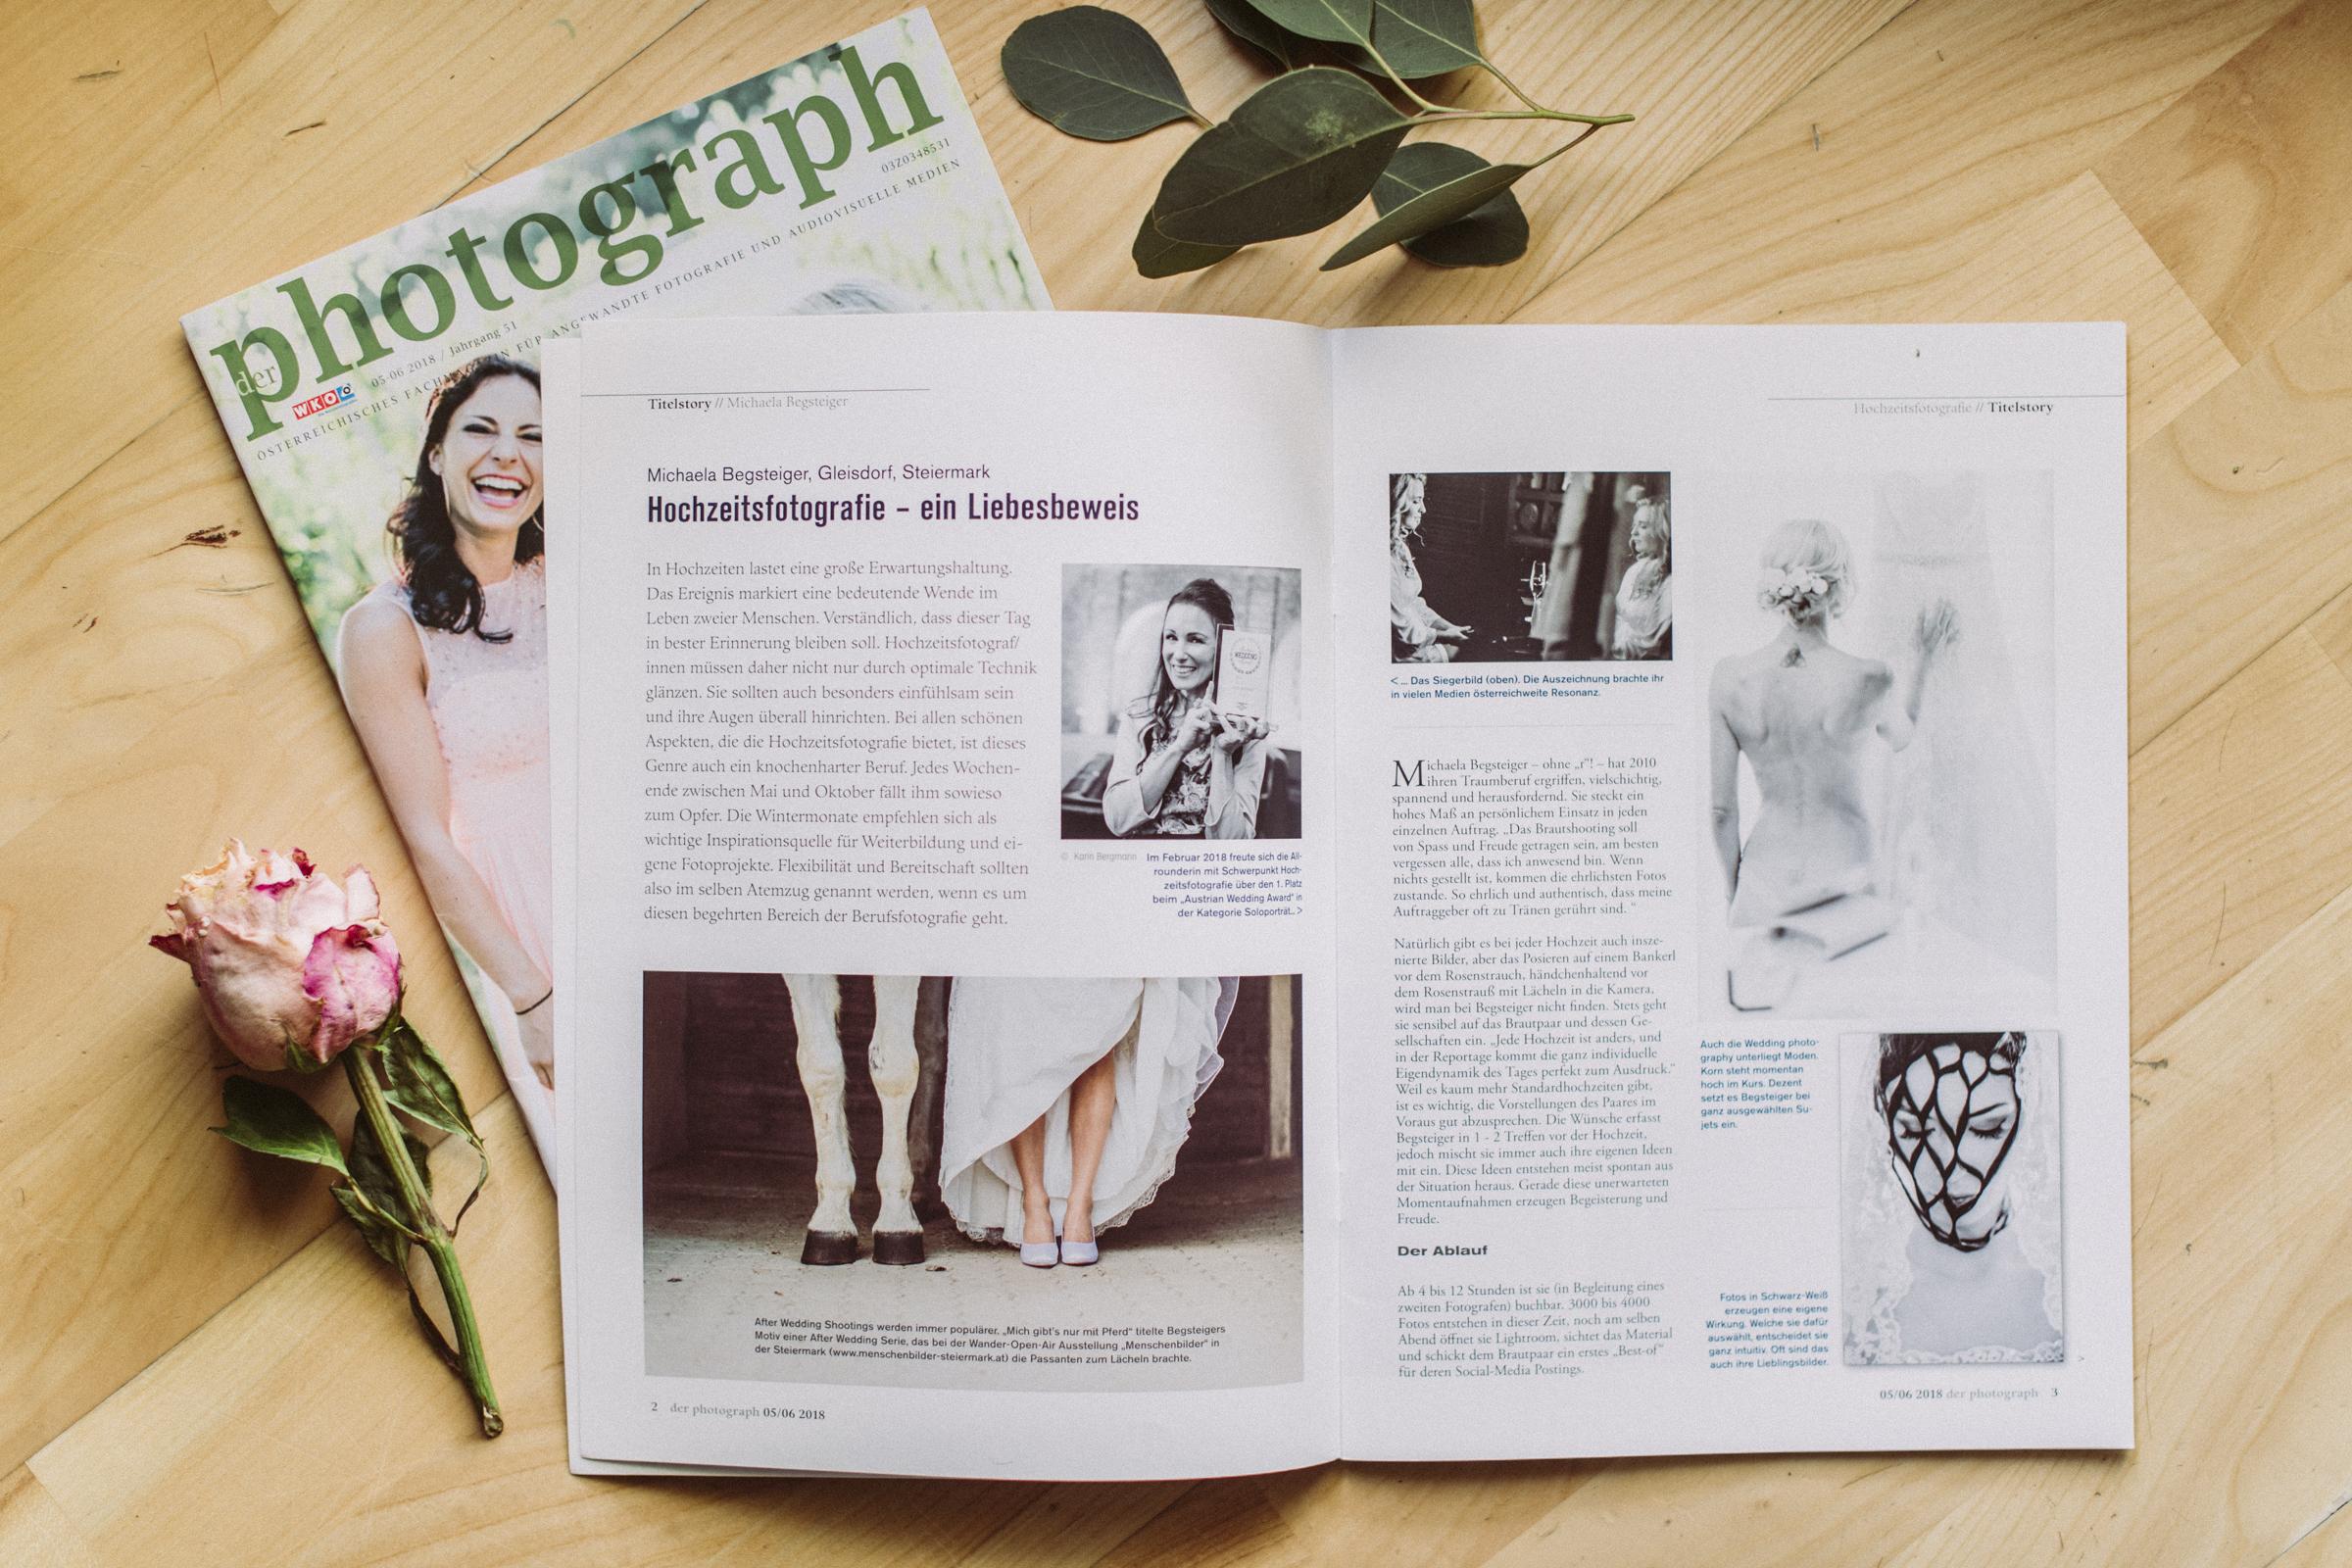 michy-begsteiger-hochzeit-magazin-lese-mehr Michaela Begsteiger Hochzeit Photoshooting